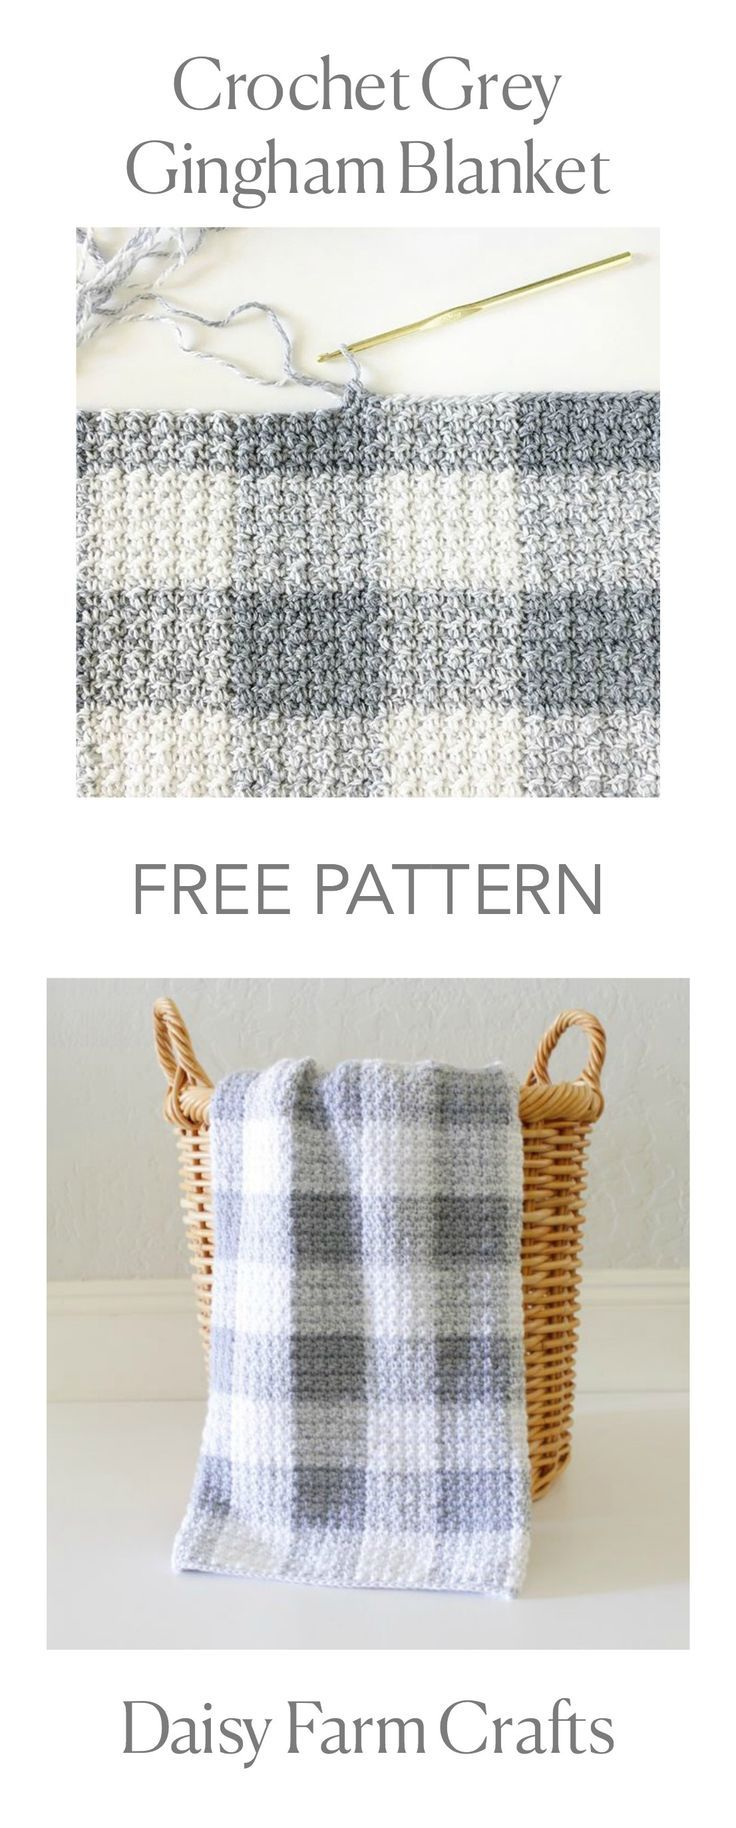 FREE PATTERN - Crochet Gray Gingham Blanket